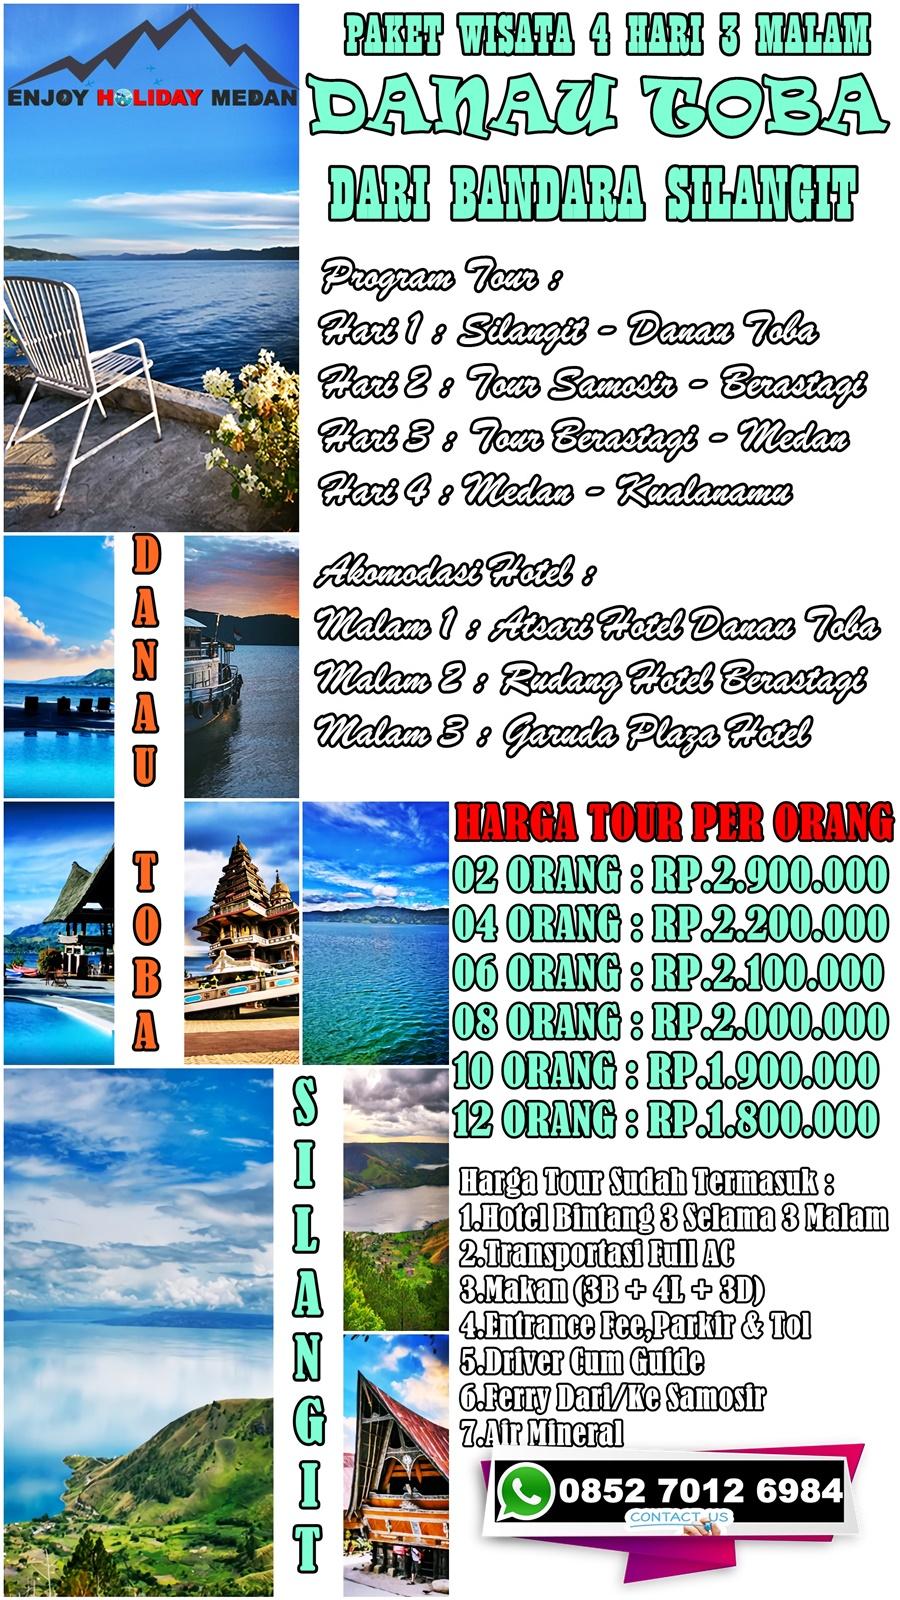 Paket Wisata Danau Toba Dari Silangit 4 Hari 3 Malam